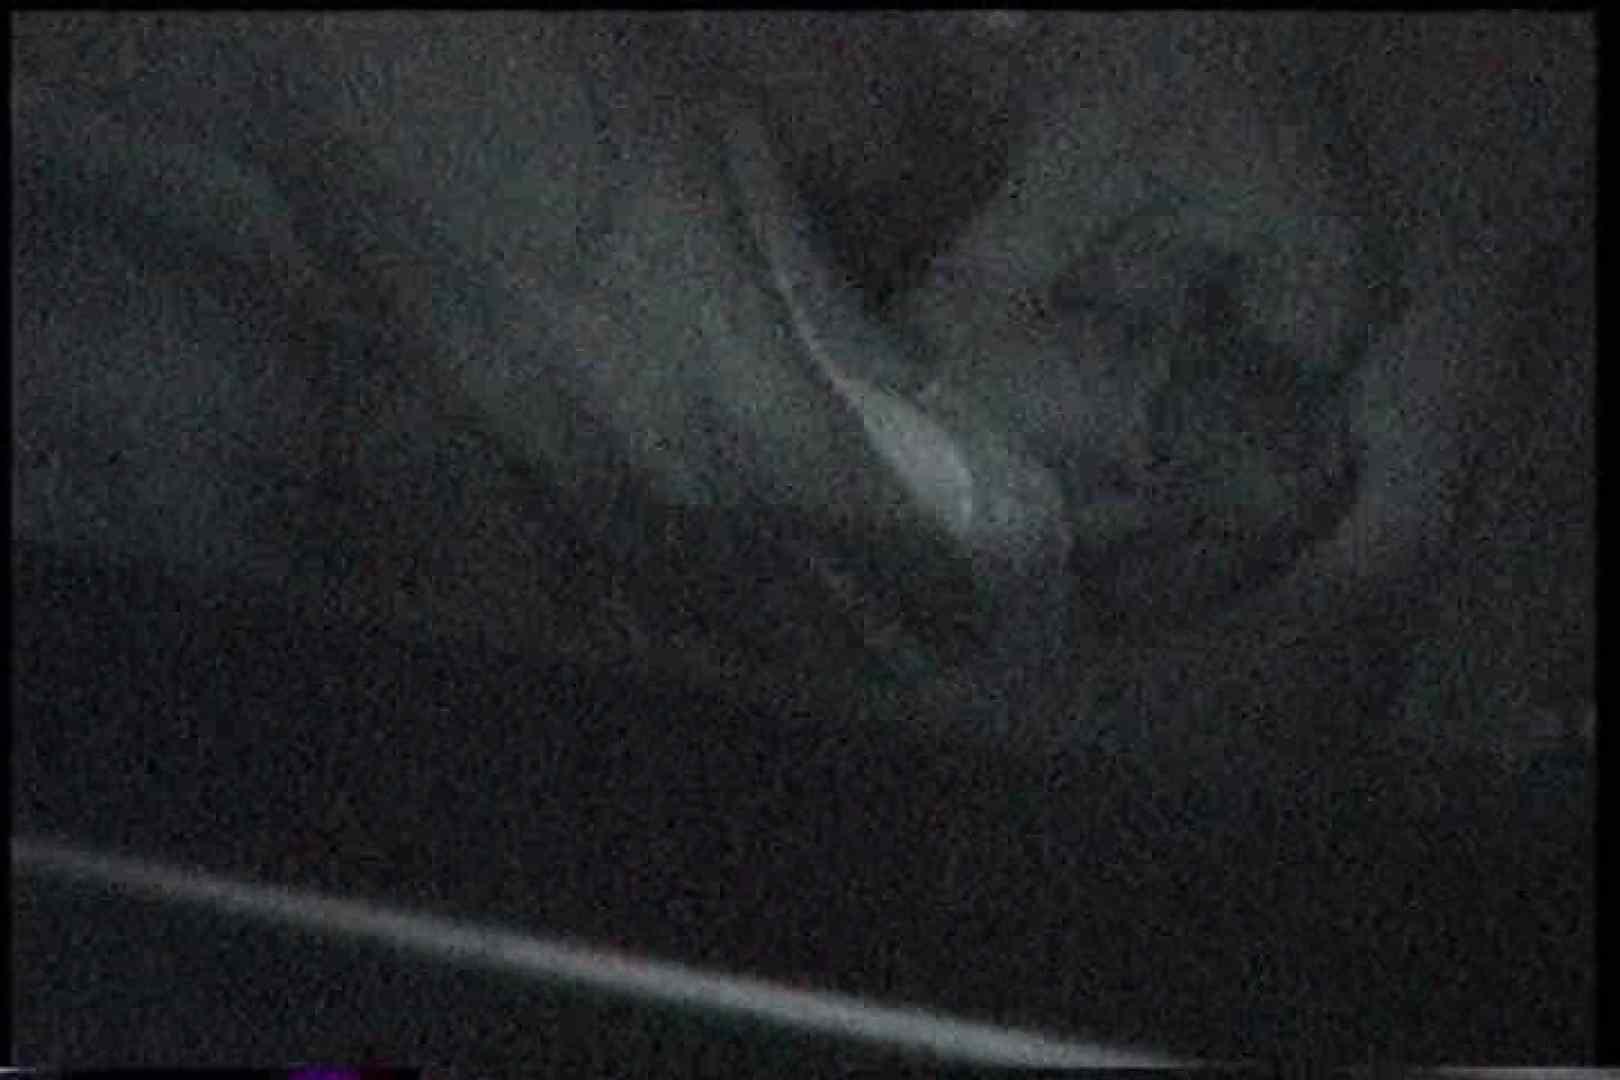 充血監督の深夜の運動会Vol.162 フェラ | OLすけべ画像  67連発 13